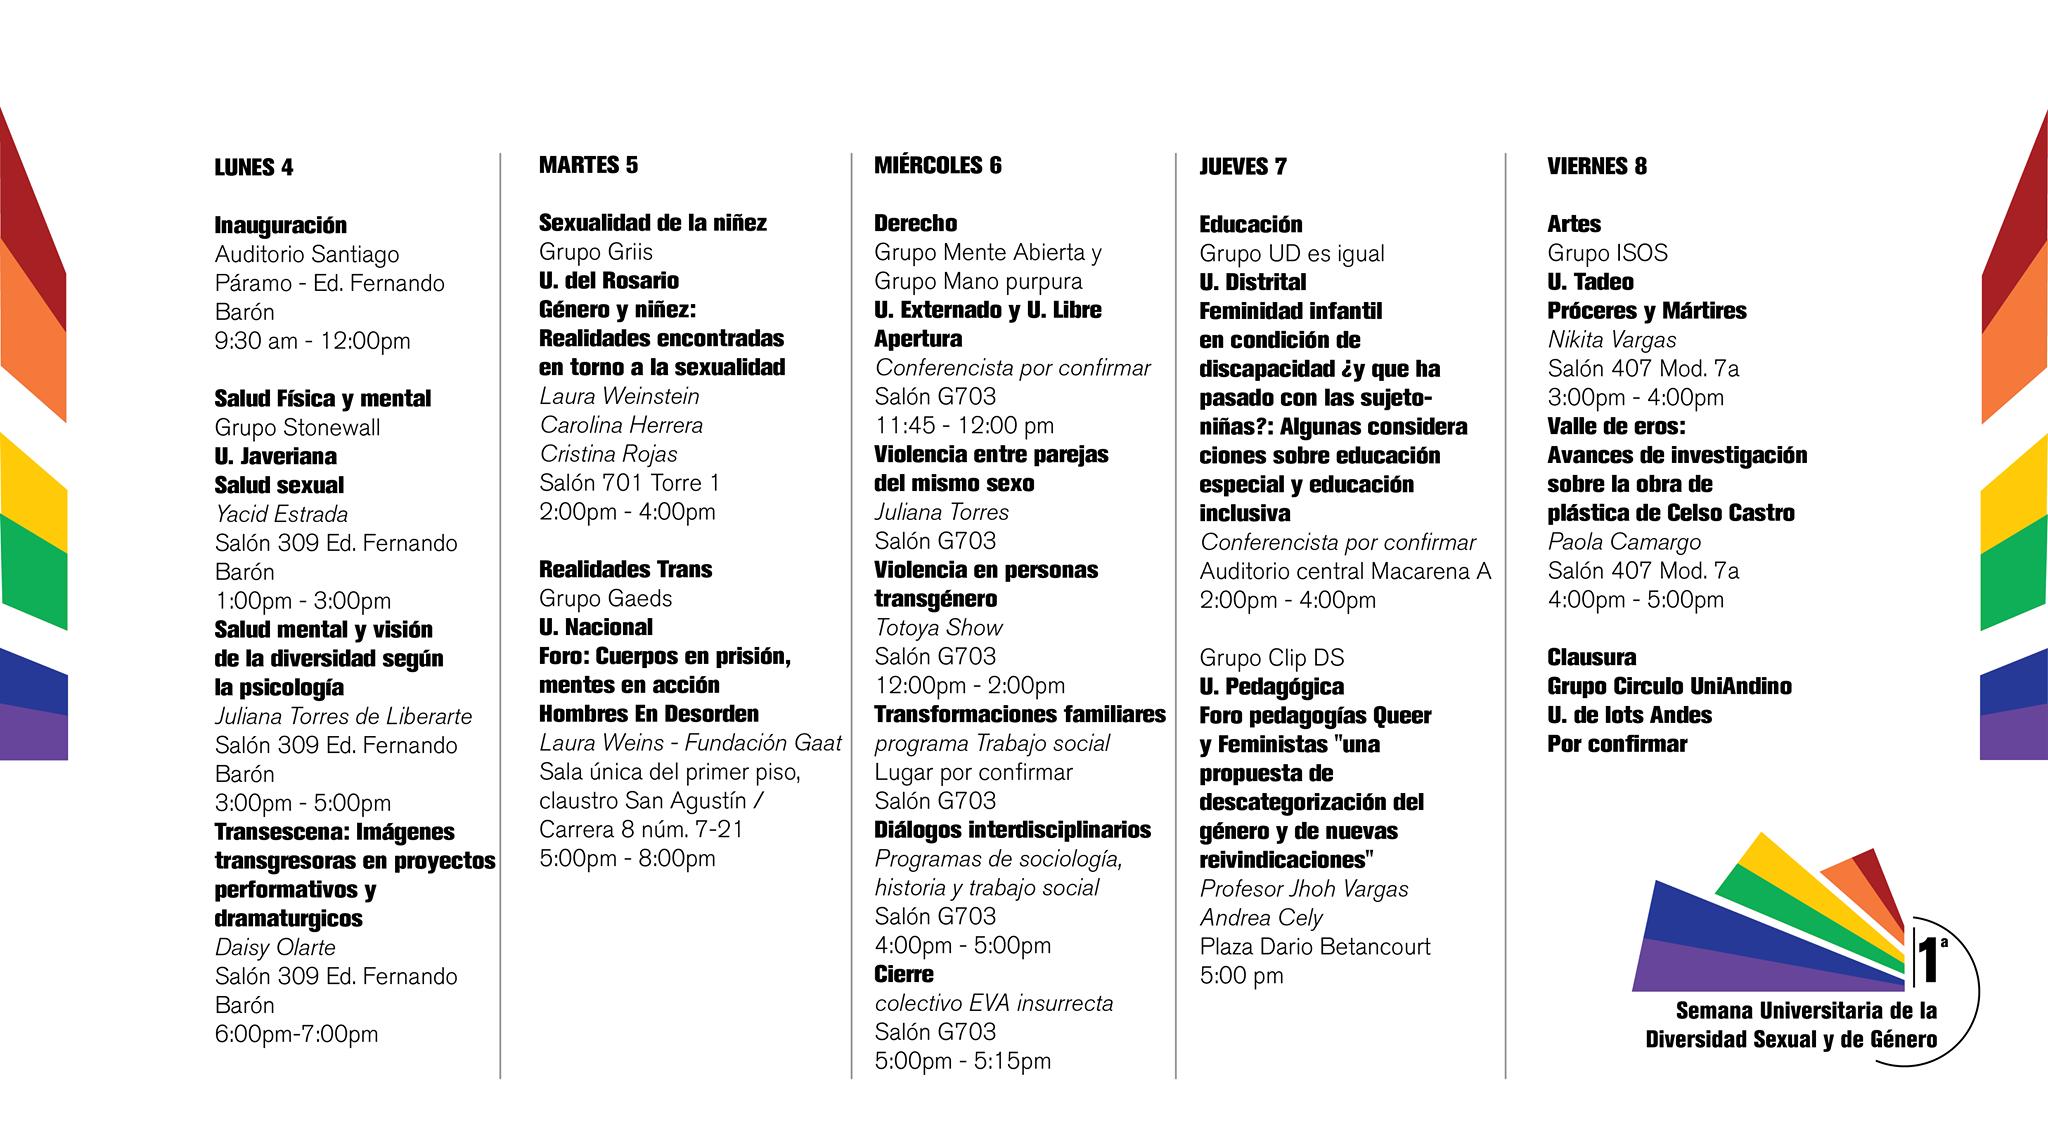 programacion semana de la diversidad universitaria 2015